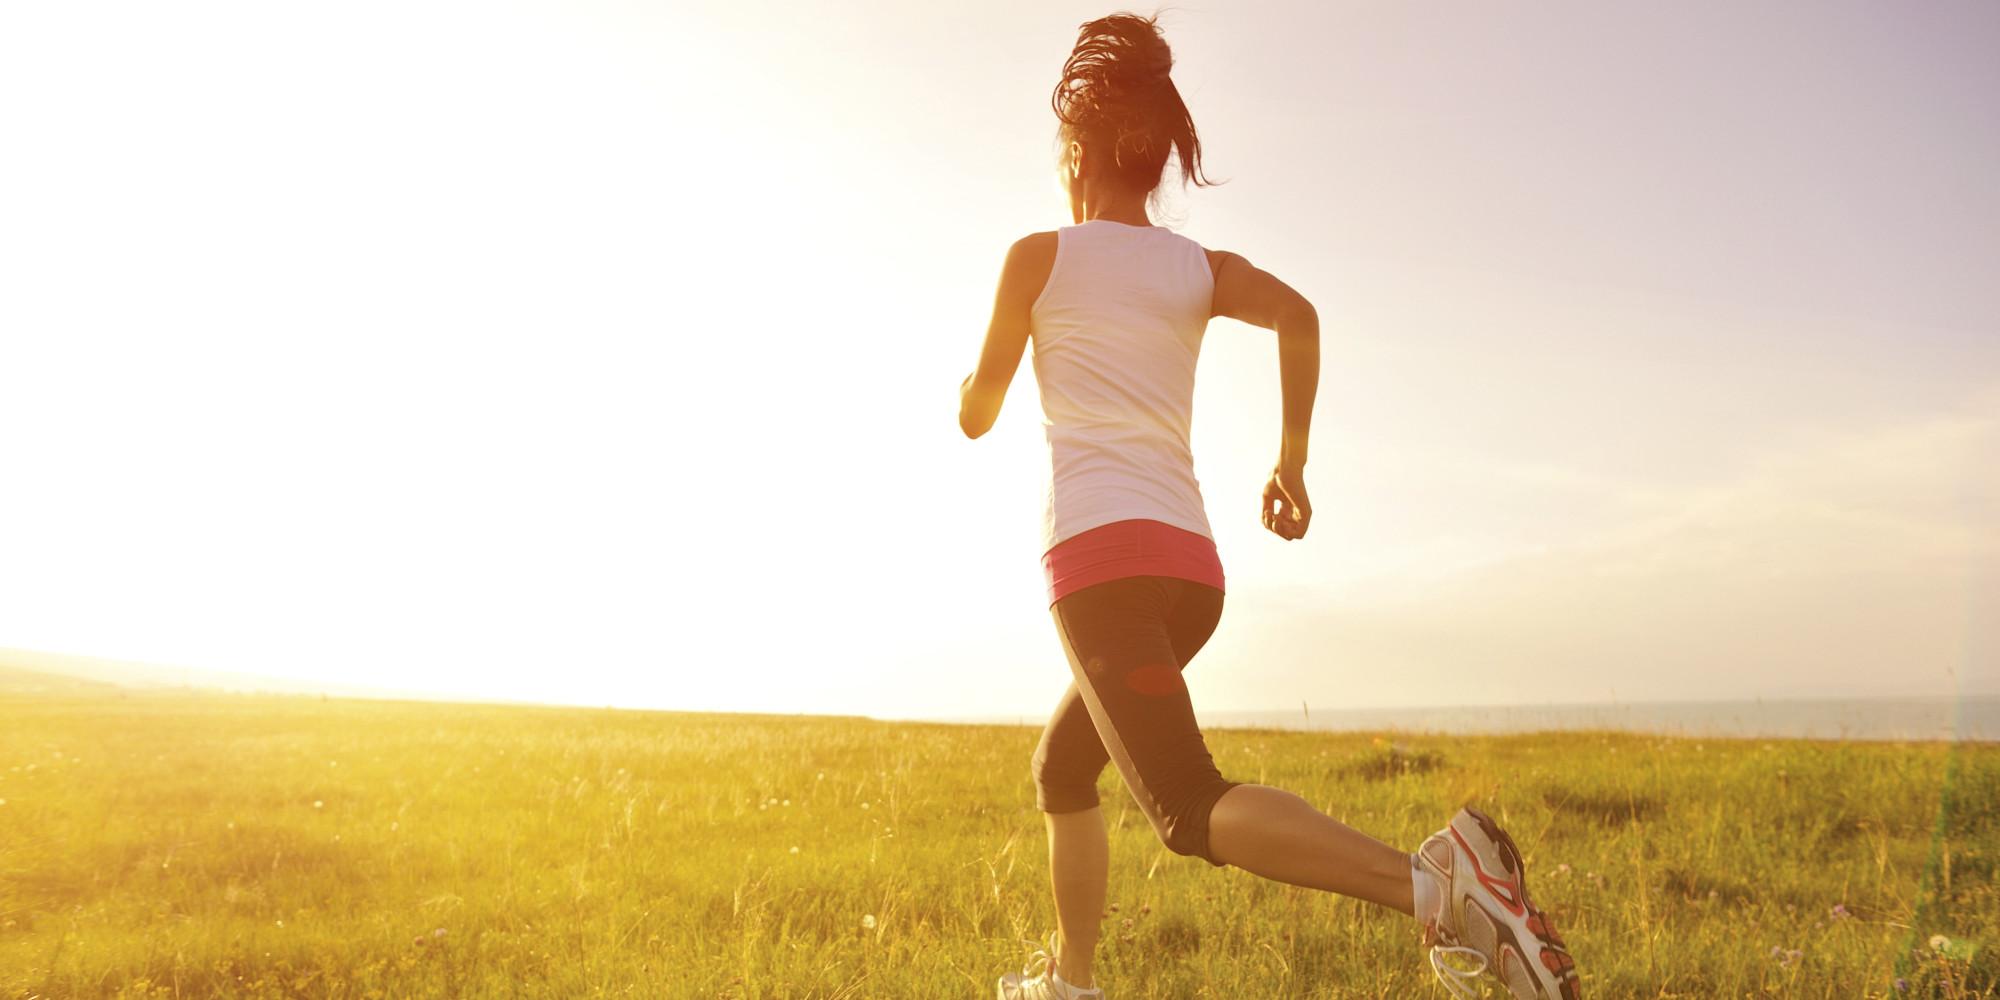 reggeli kocogás magas vérnyomással